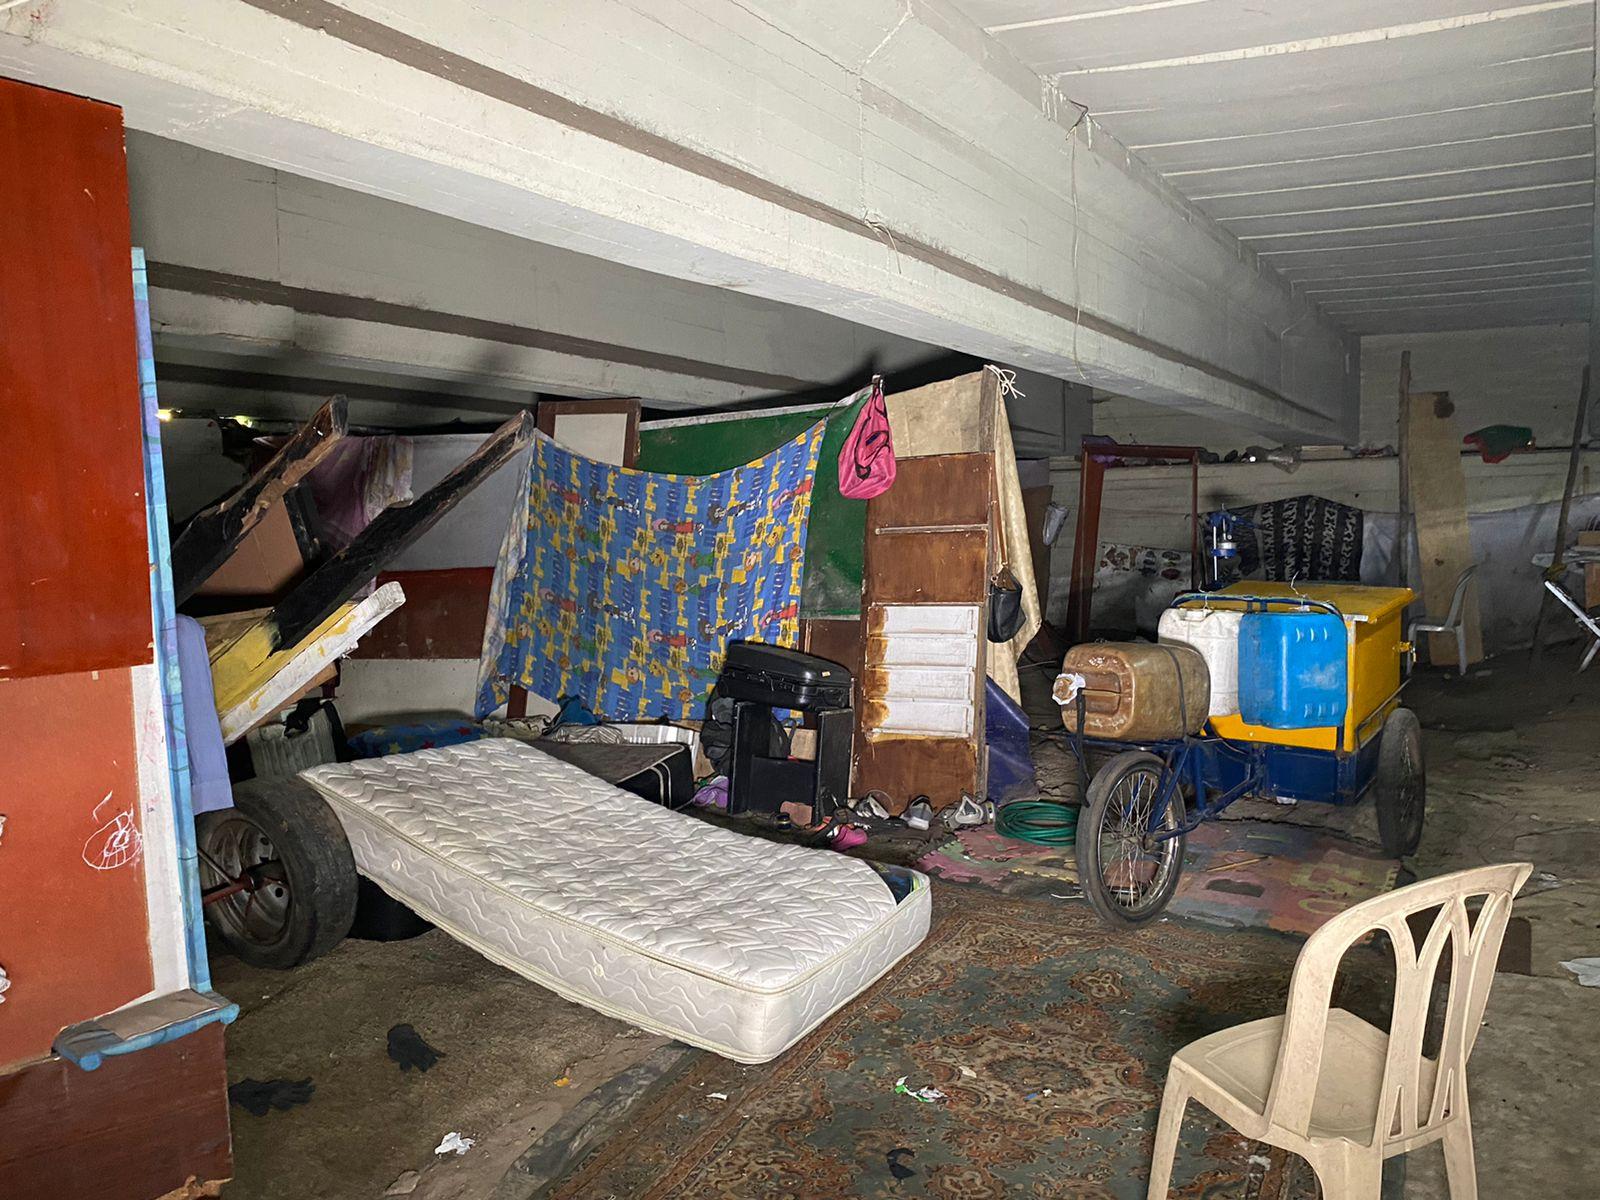 Cobraban 20 mil pesos semanales en parqueadero irregular para vendedores informales debajo de puente vehicular